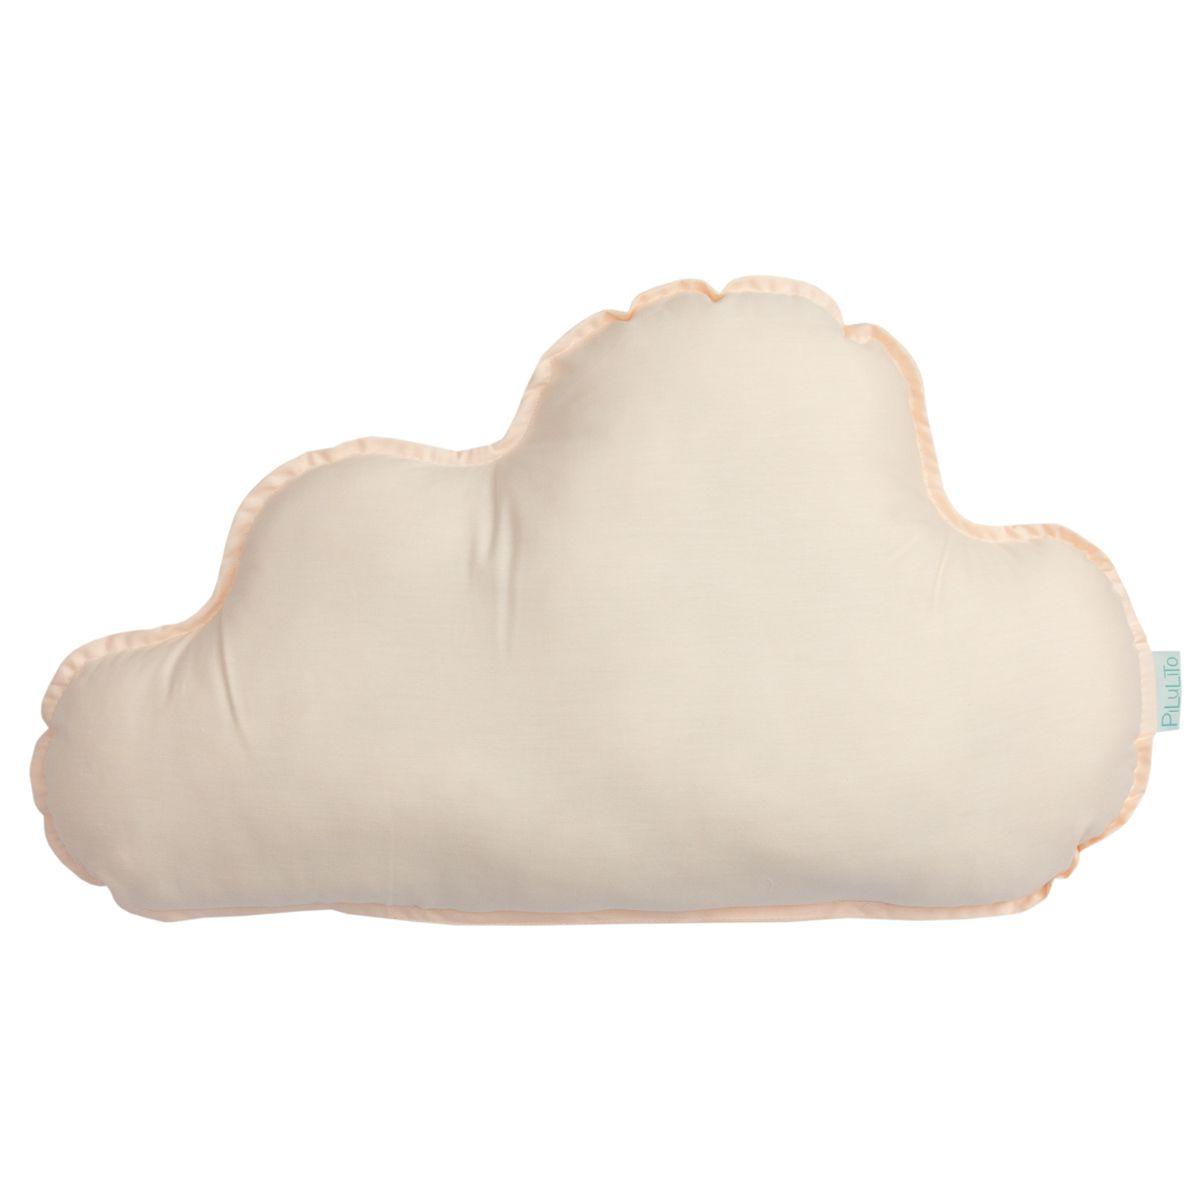 Almofada nuvem grande salmão suave